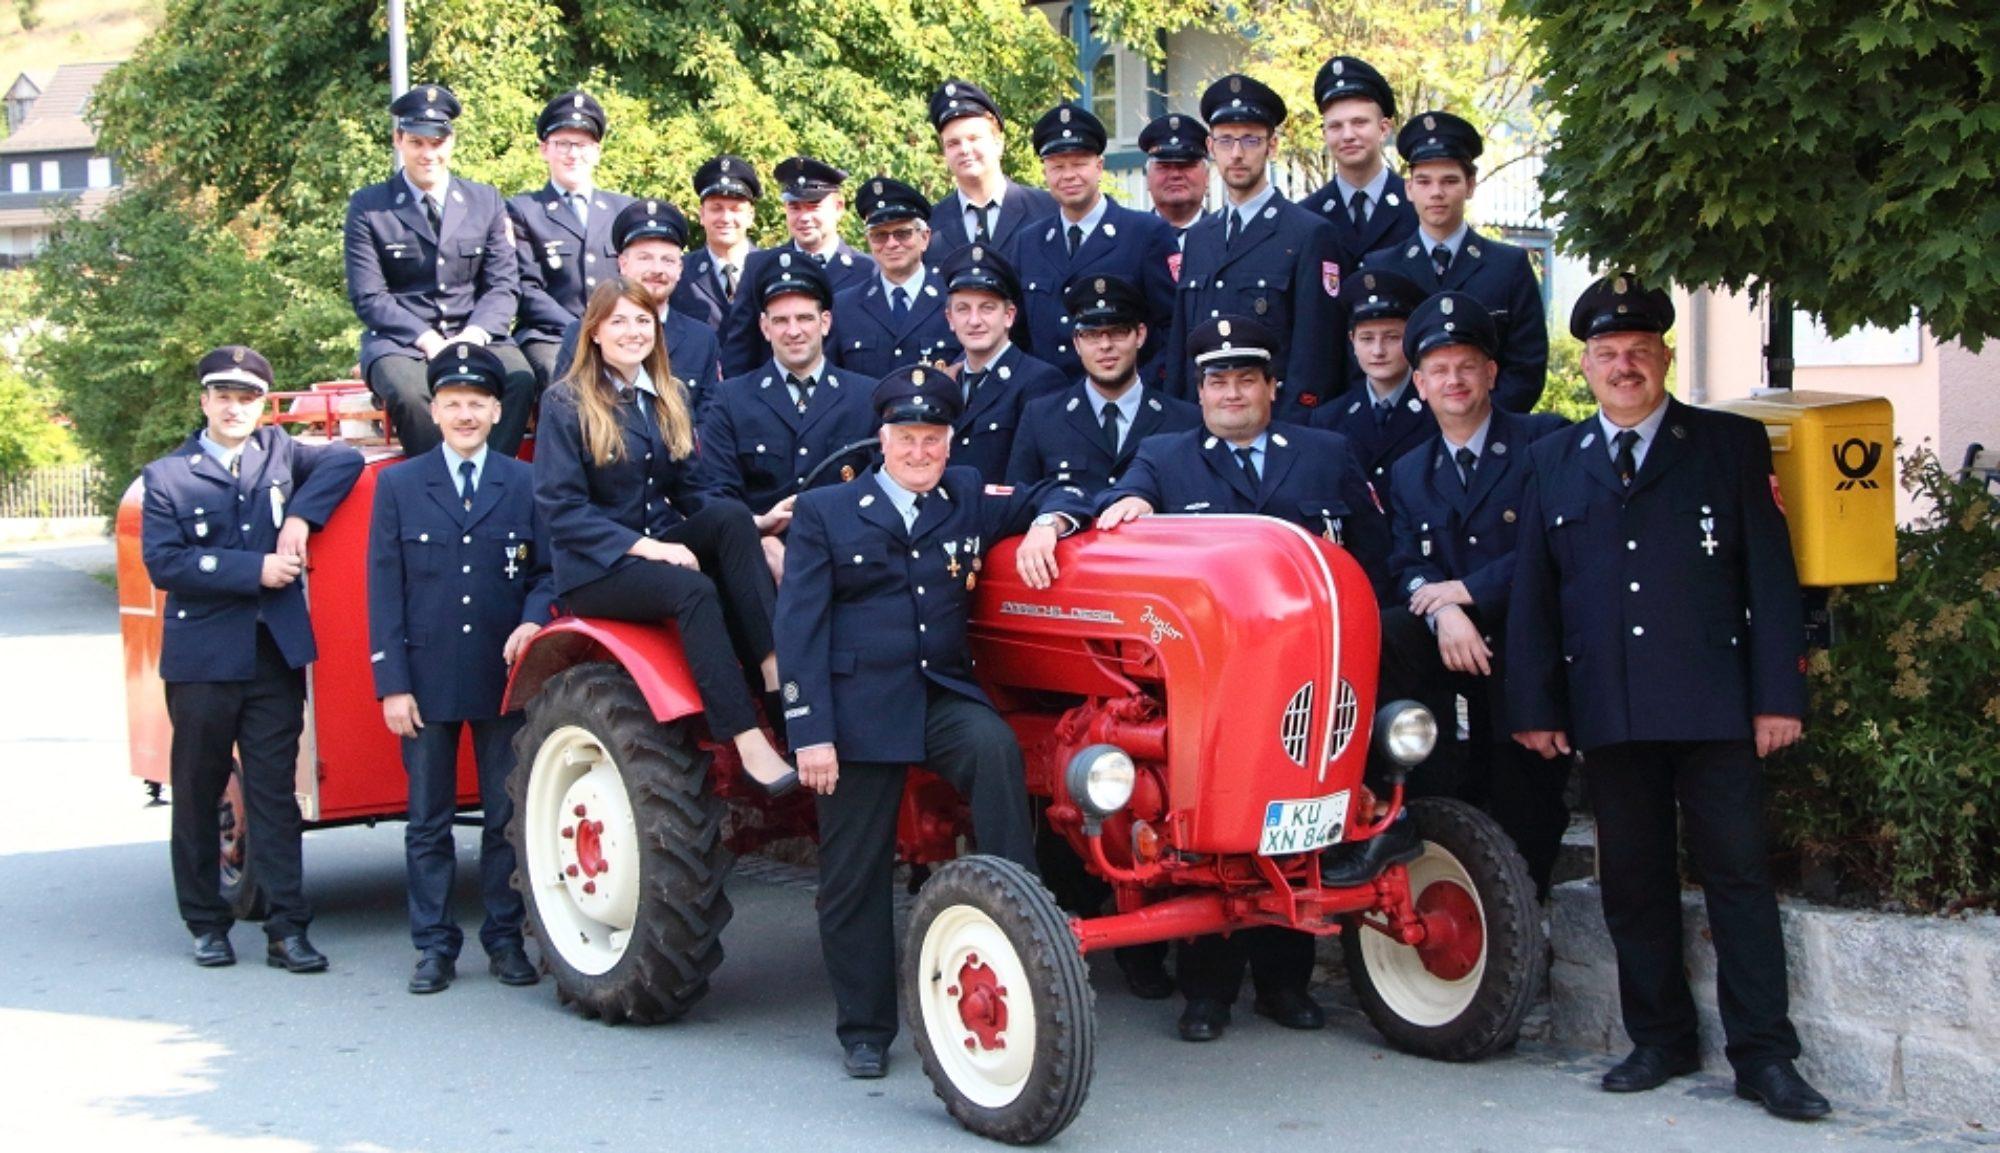 Freiwillige Feuerwehr Kainach e.v.